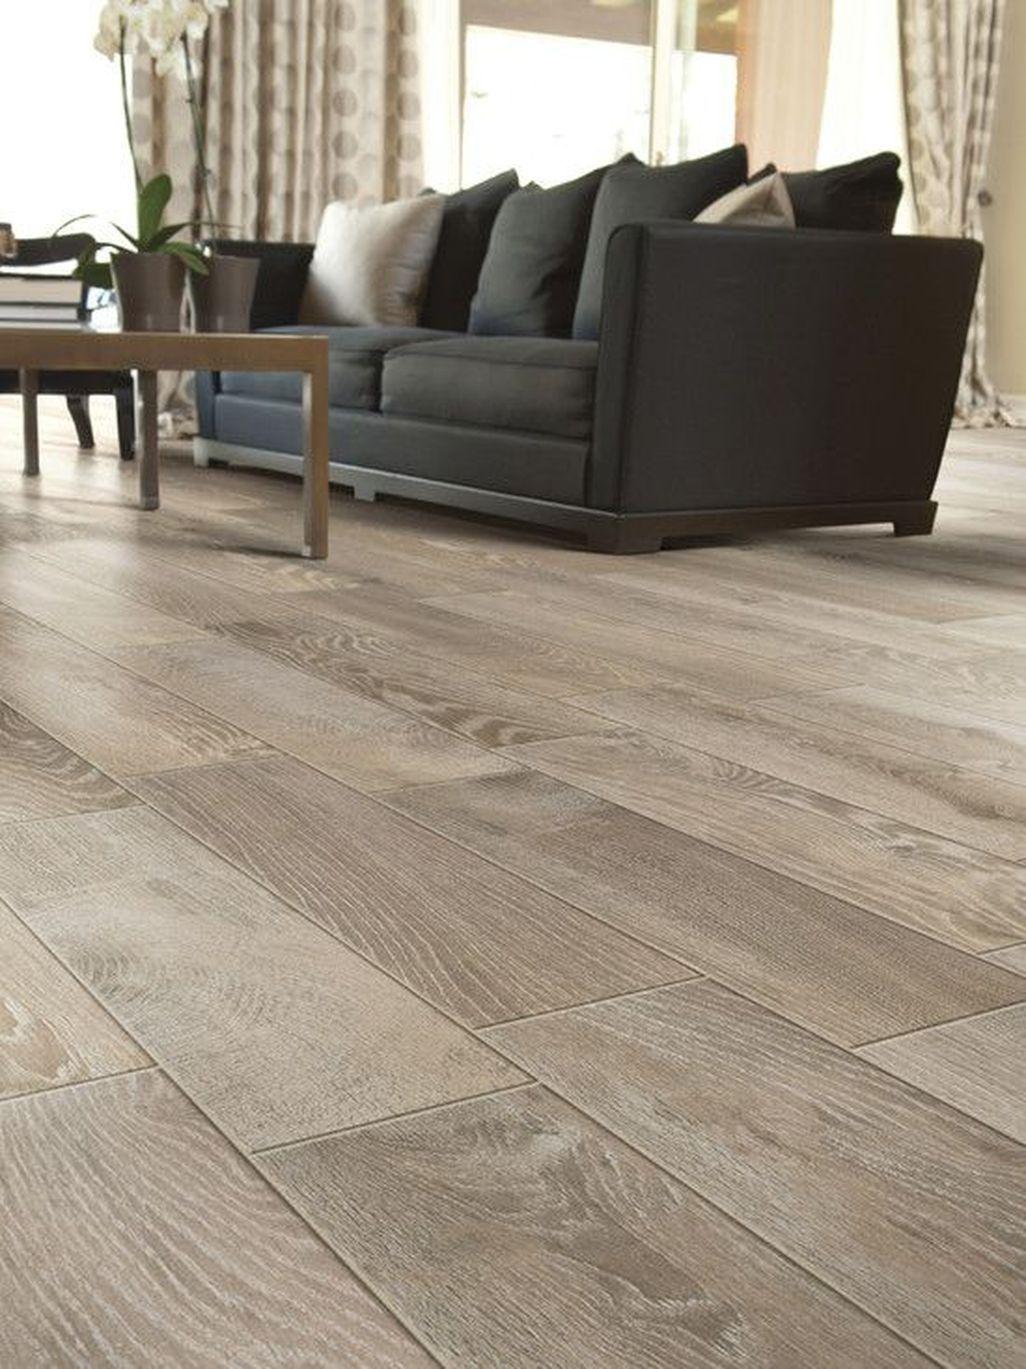 47 Fabulous Floor Tiles Designs Ideas For Living Room Living Room Tiles Wooden Floors Living Room Floor Tile Design #tiles #designs #for #living #room